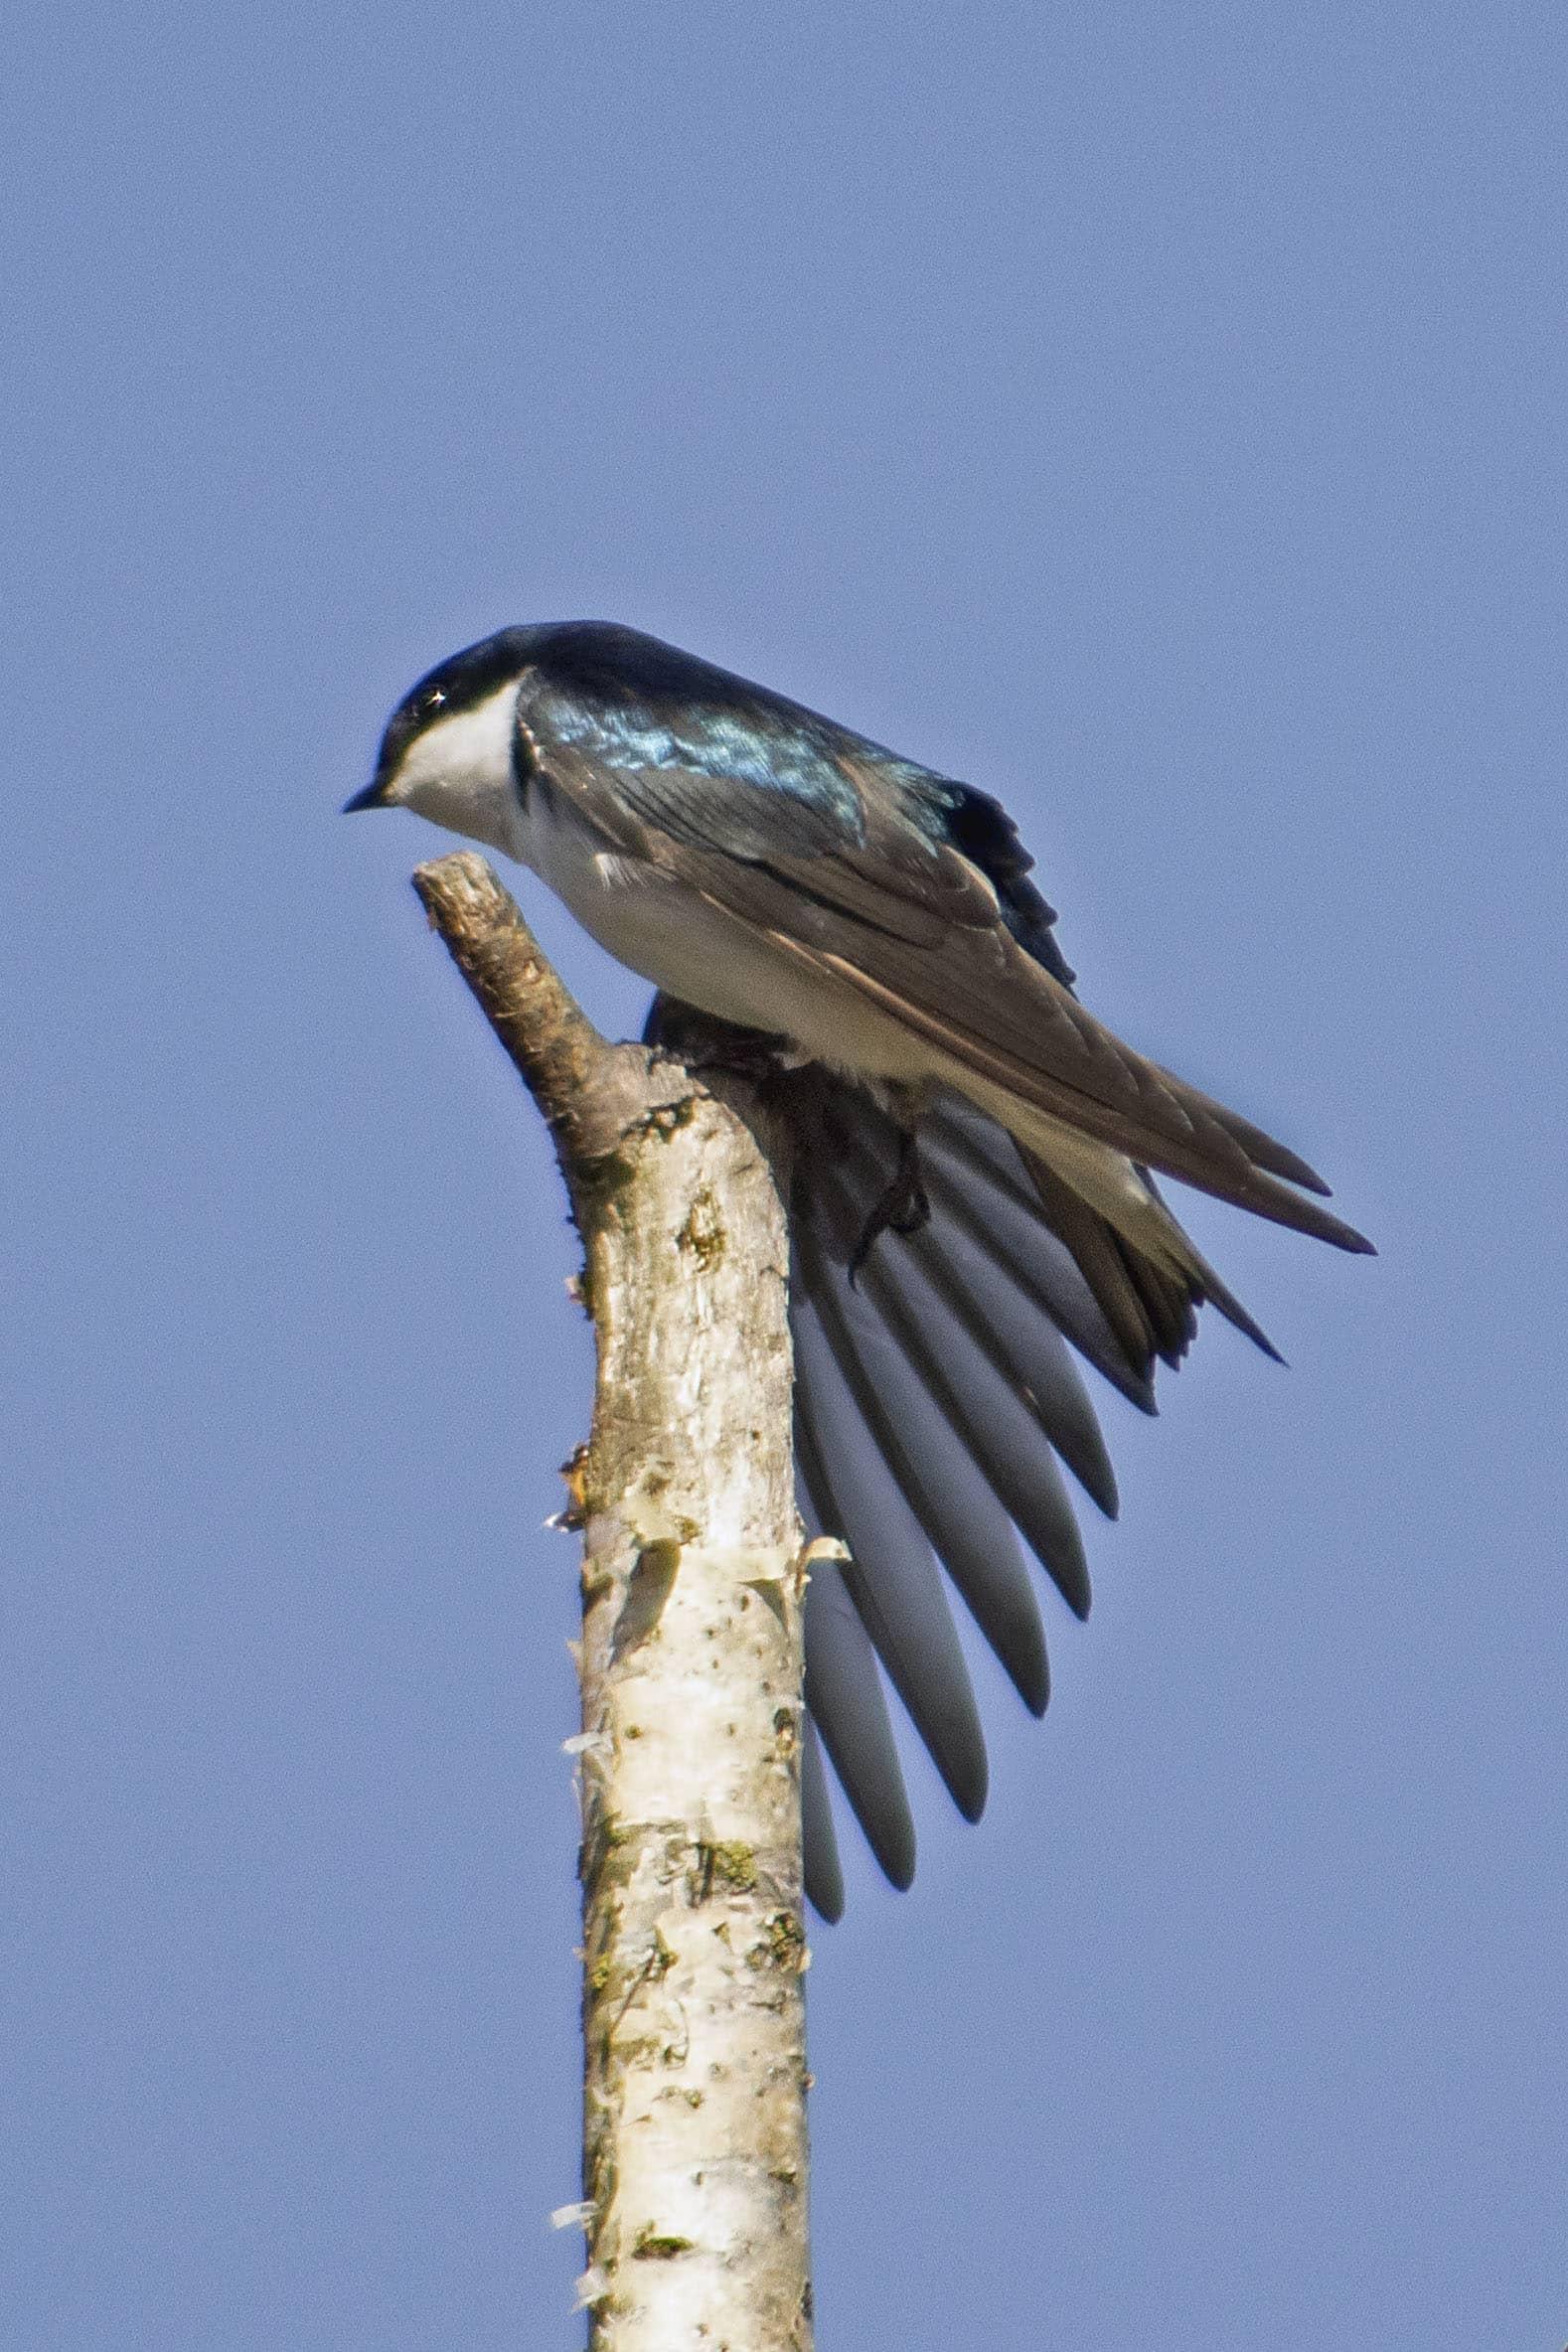 Tree Swallow, April 5, 2021